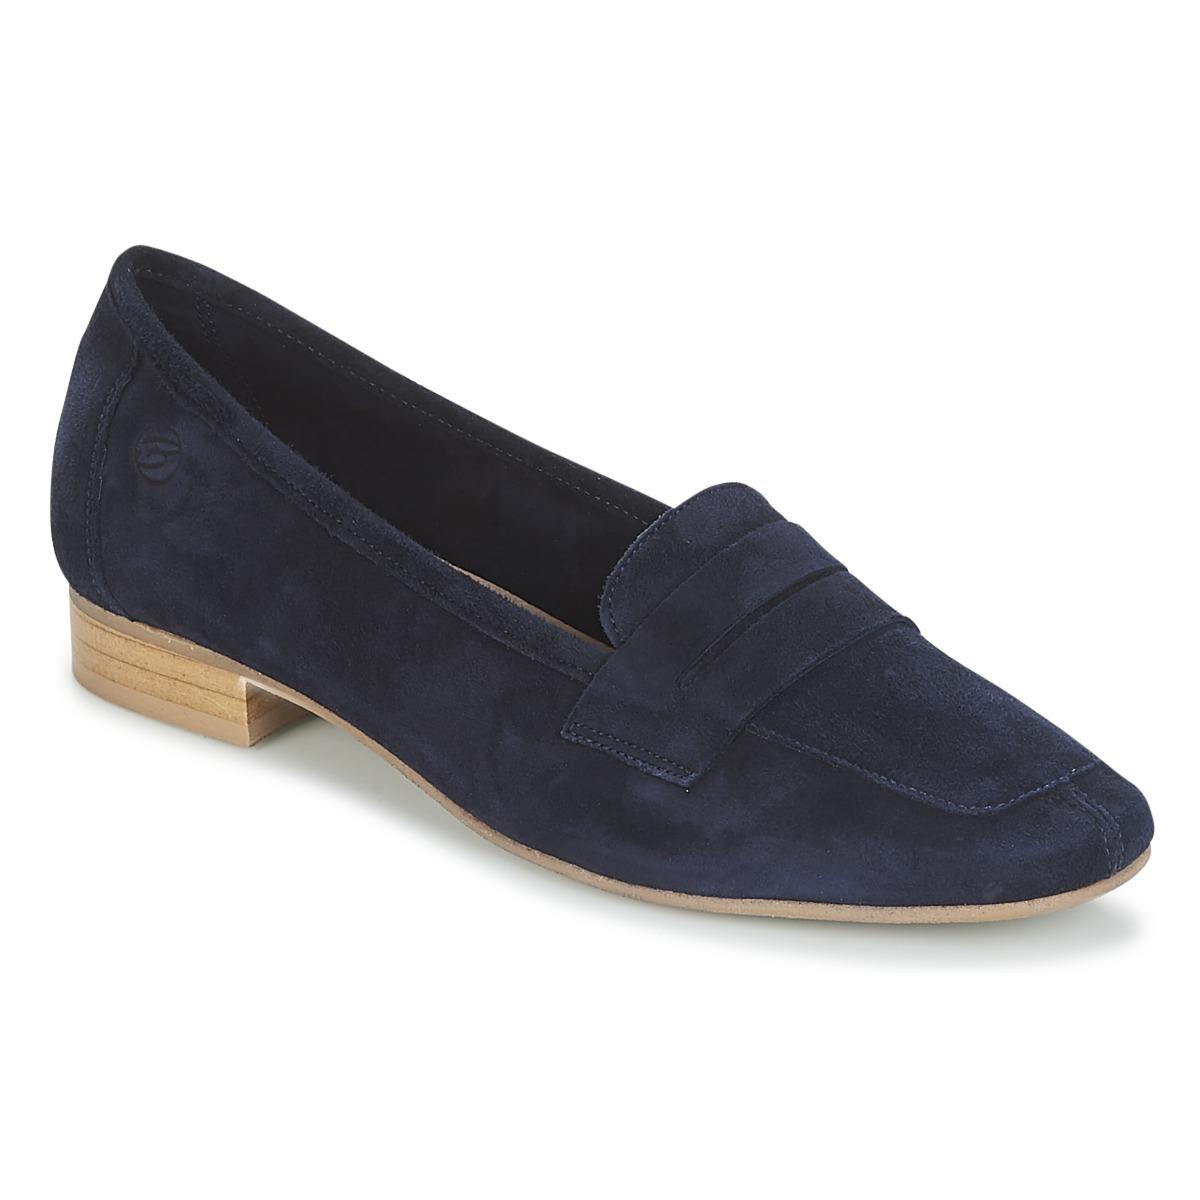 Betty London INKABO Blau - Kostenloser Versand bei Spartoode ! - Schuhe Slipper Damen 51,99 €